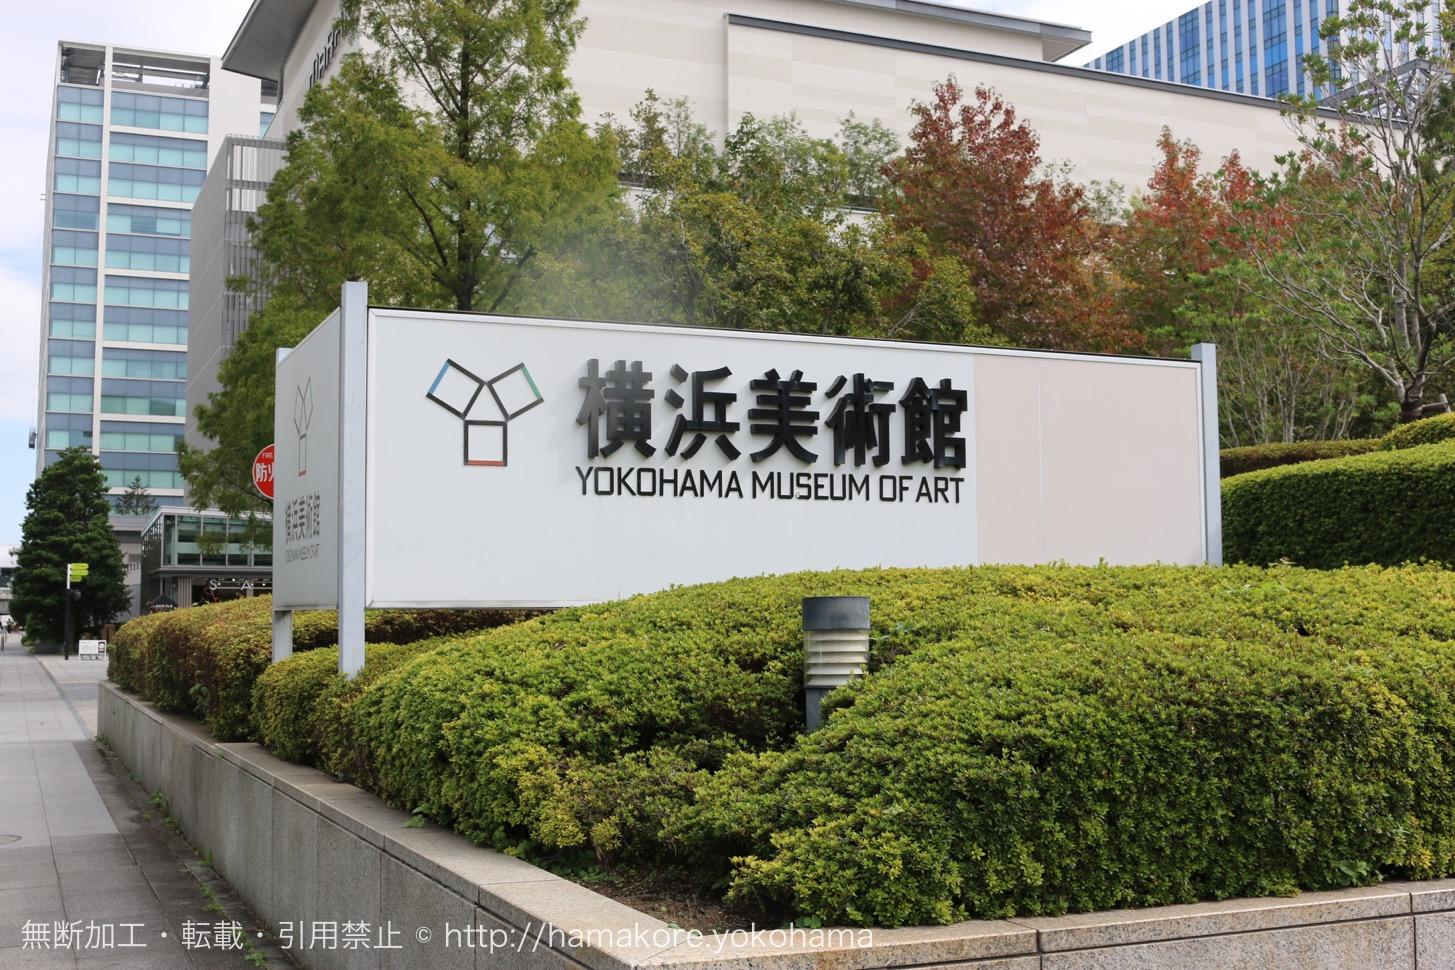 横浜美術館 11月3日の文化の日は観覧無料!